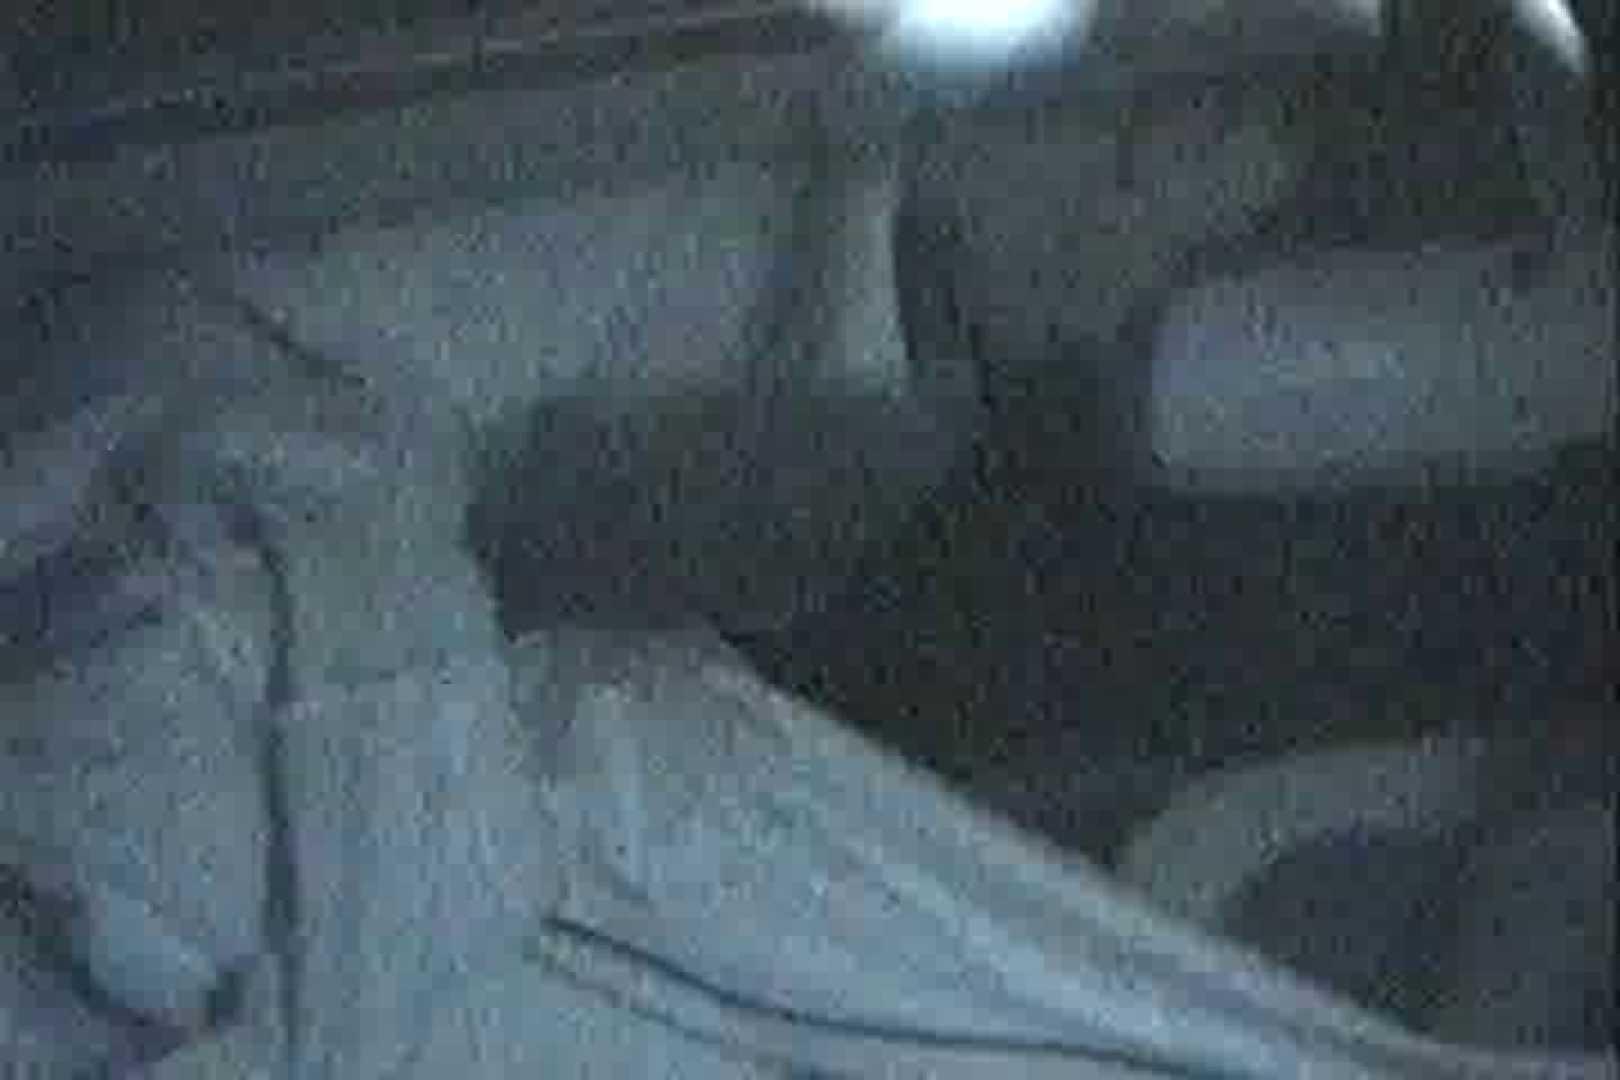 充血監督の深夜の運動会Vol.14 OLエロ画像 覗きおまんこ画像 106PICs 56